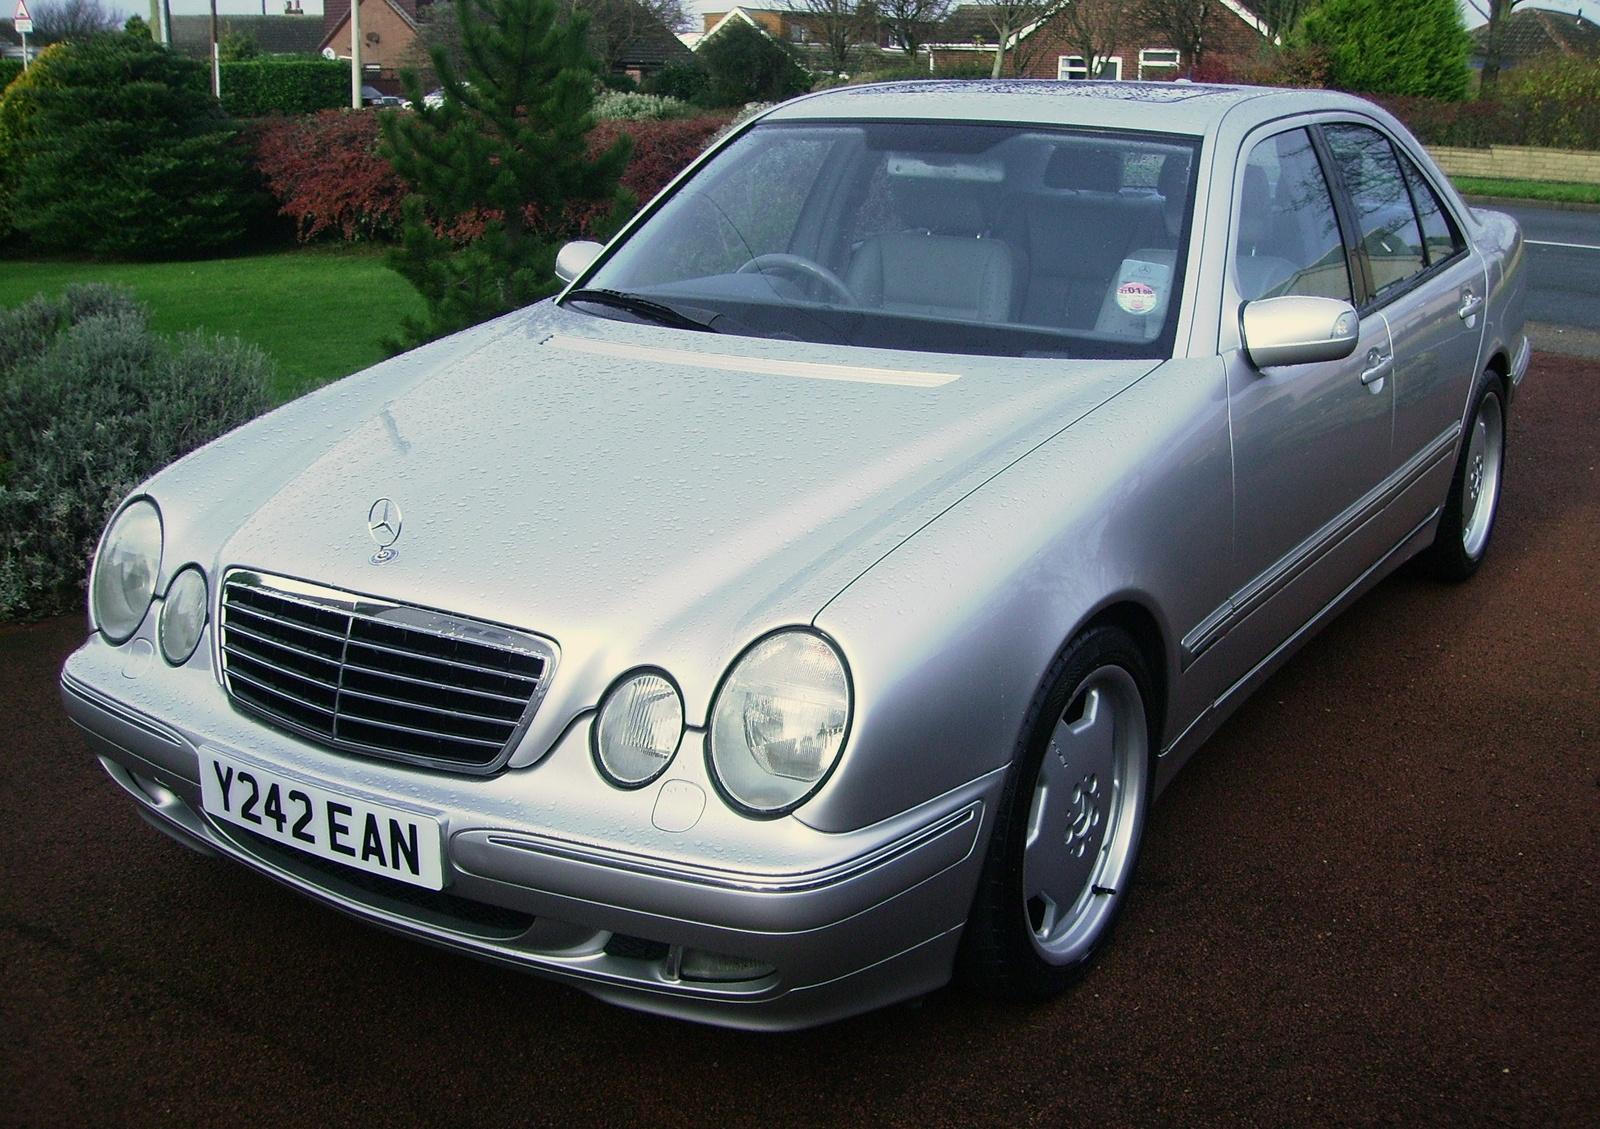 2001 mercedes benz e class pictures cargurus for Mercedes benz 2001 e430